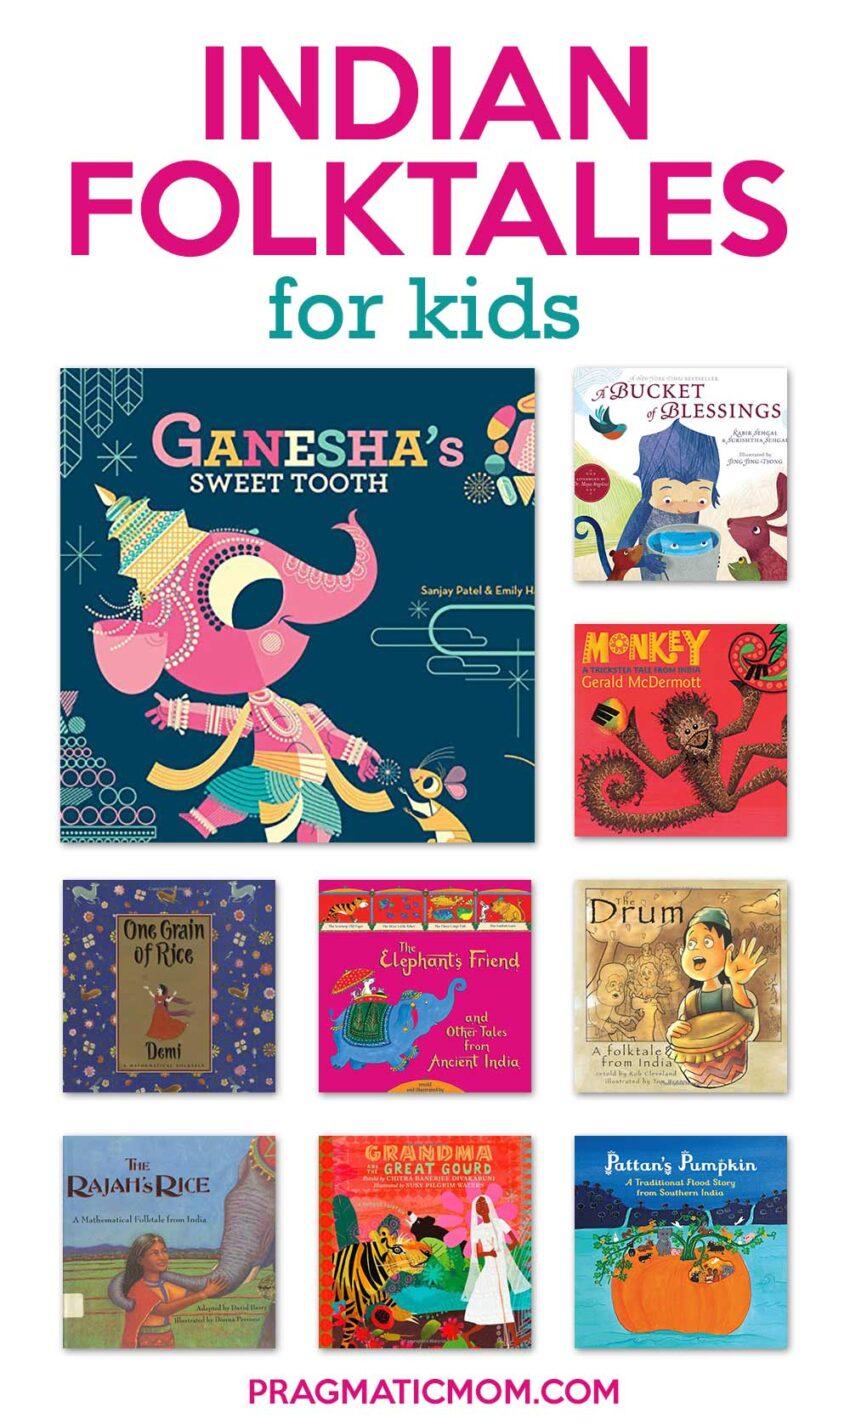 Indian Folktales for Kids